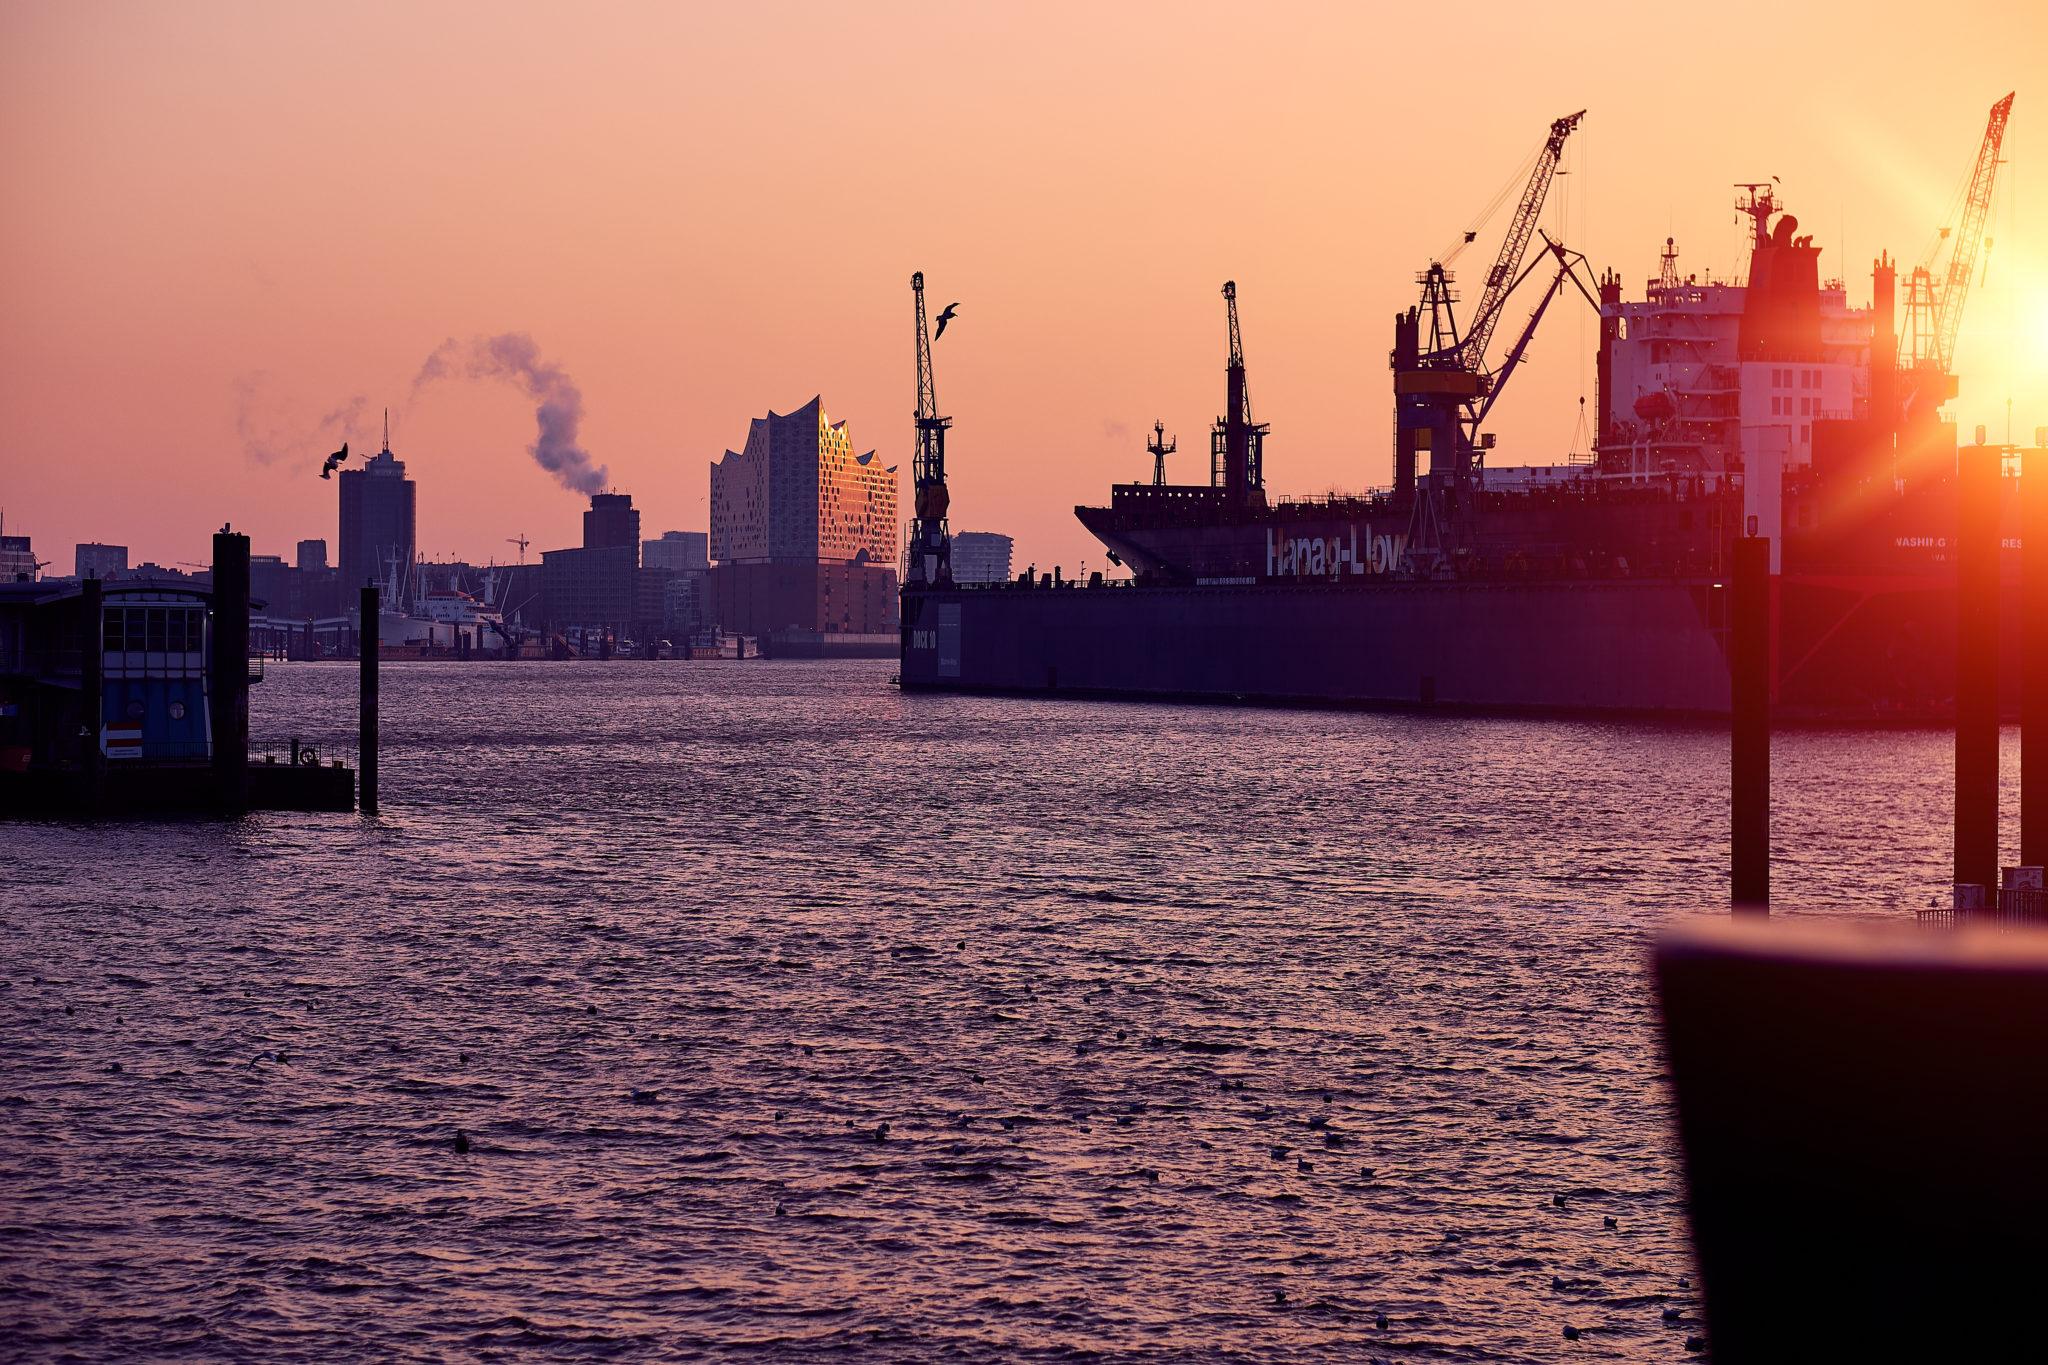 Hamburg_18-01-14_155_4